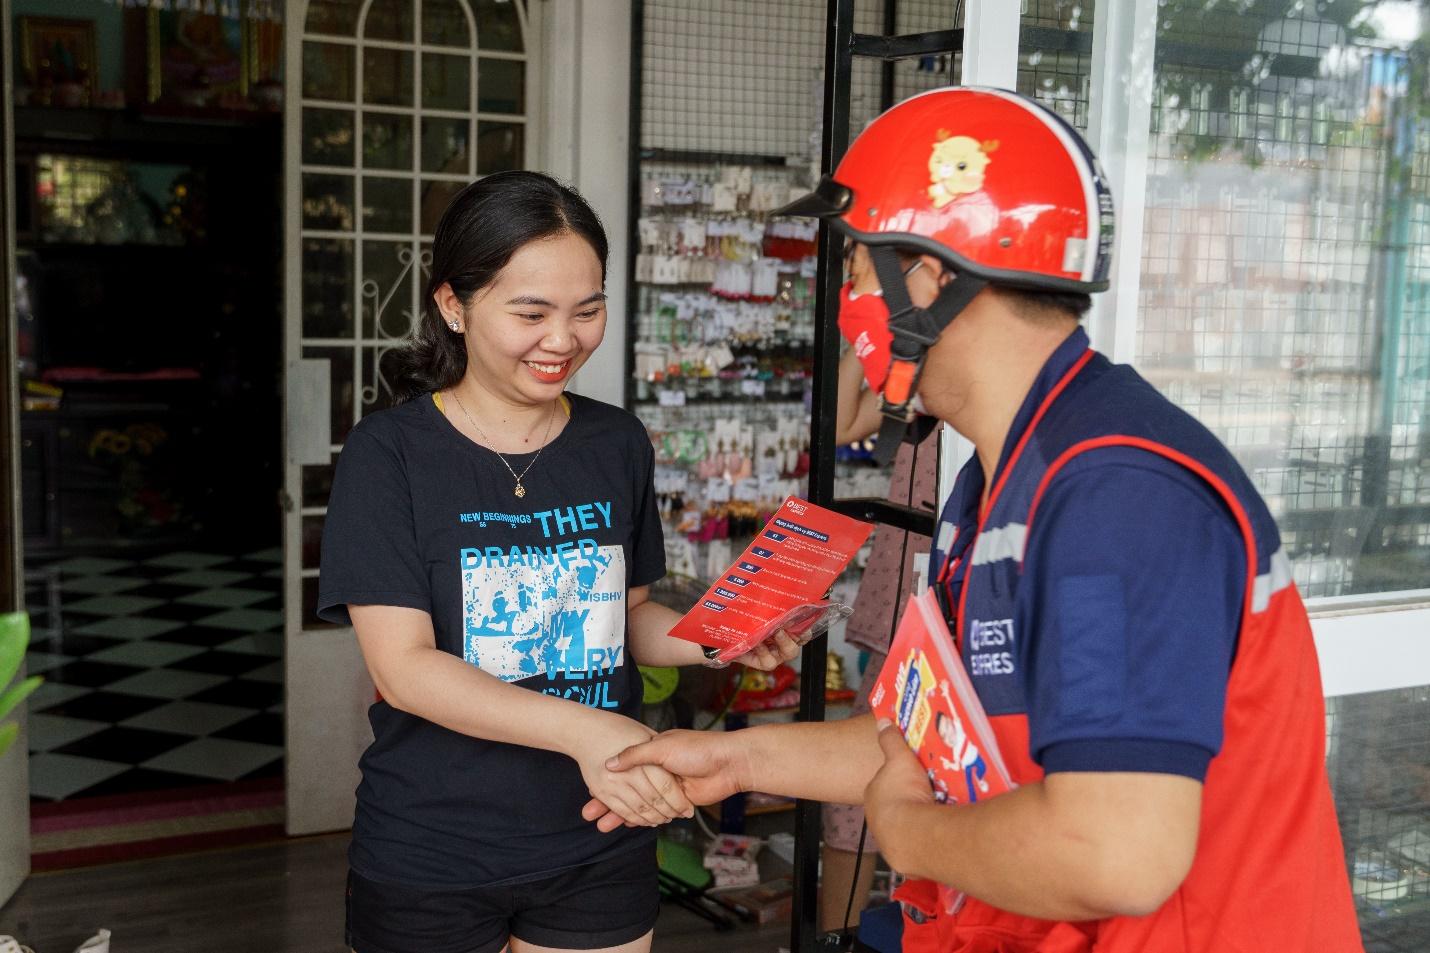 Thị trường logistics Việt hưởng lợi khi BEST đầu tư 'khủng'